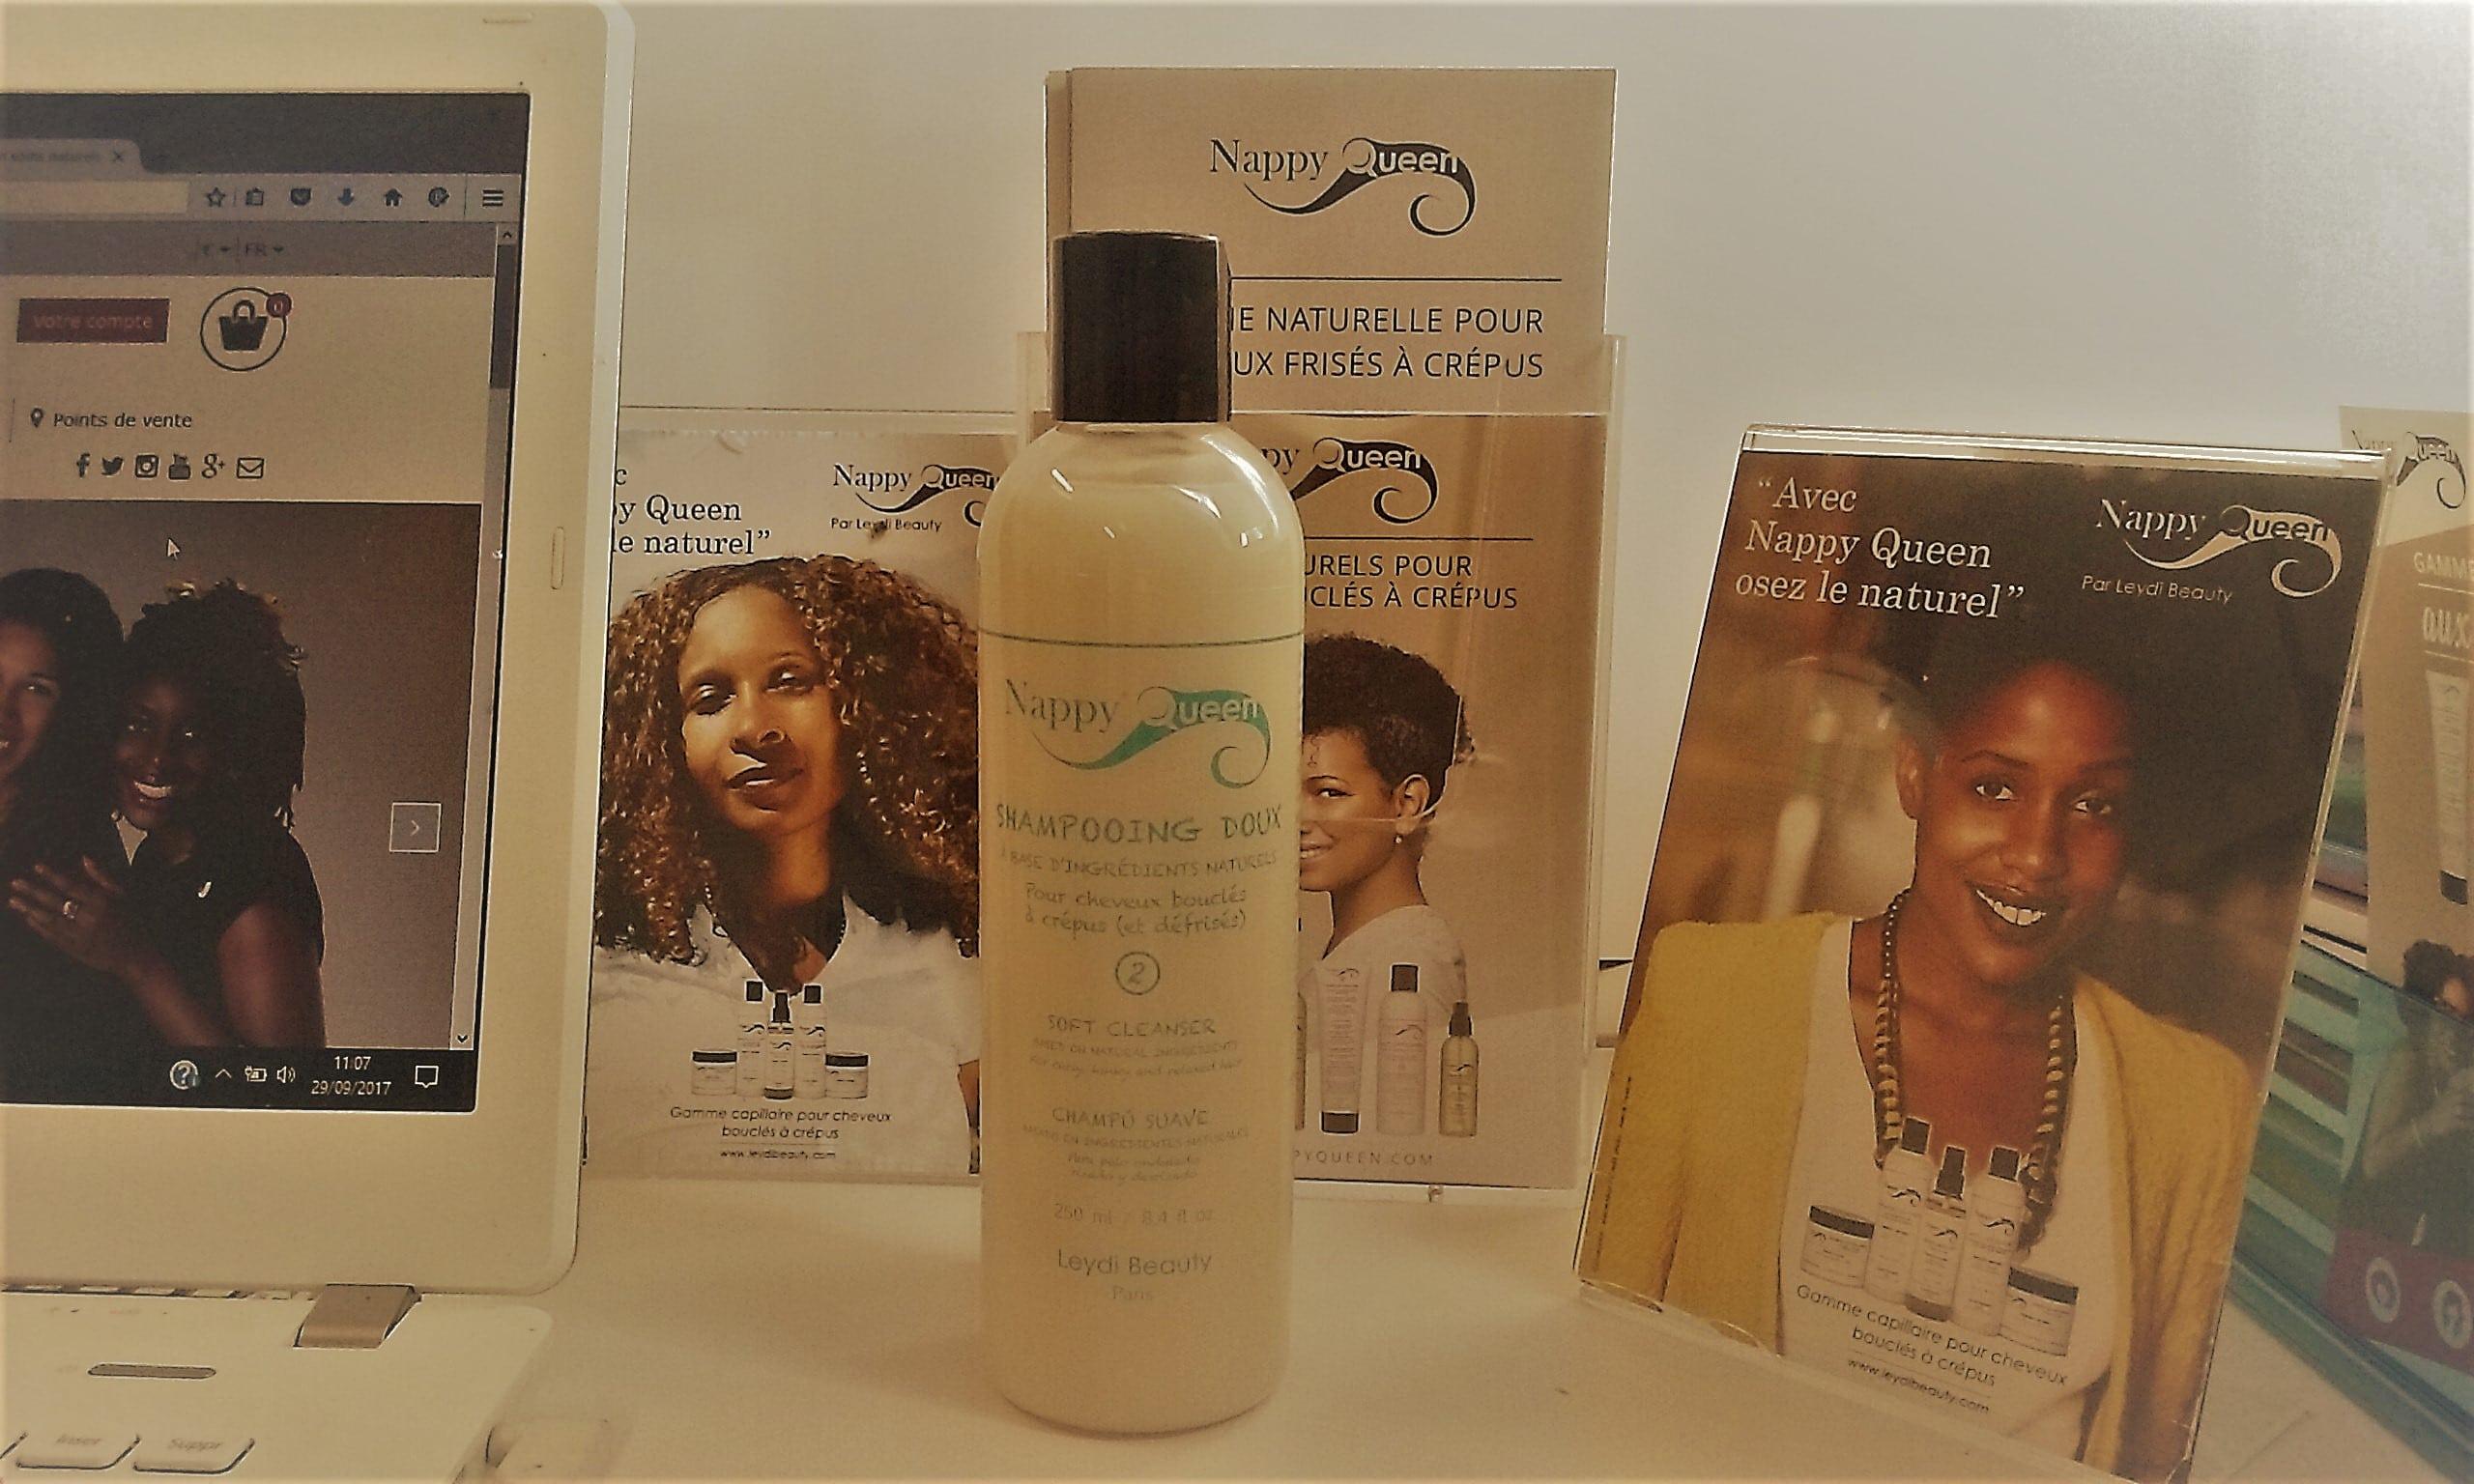 Un shampooing doux revisité pour la gamme Nappy Queen.